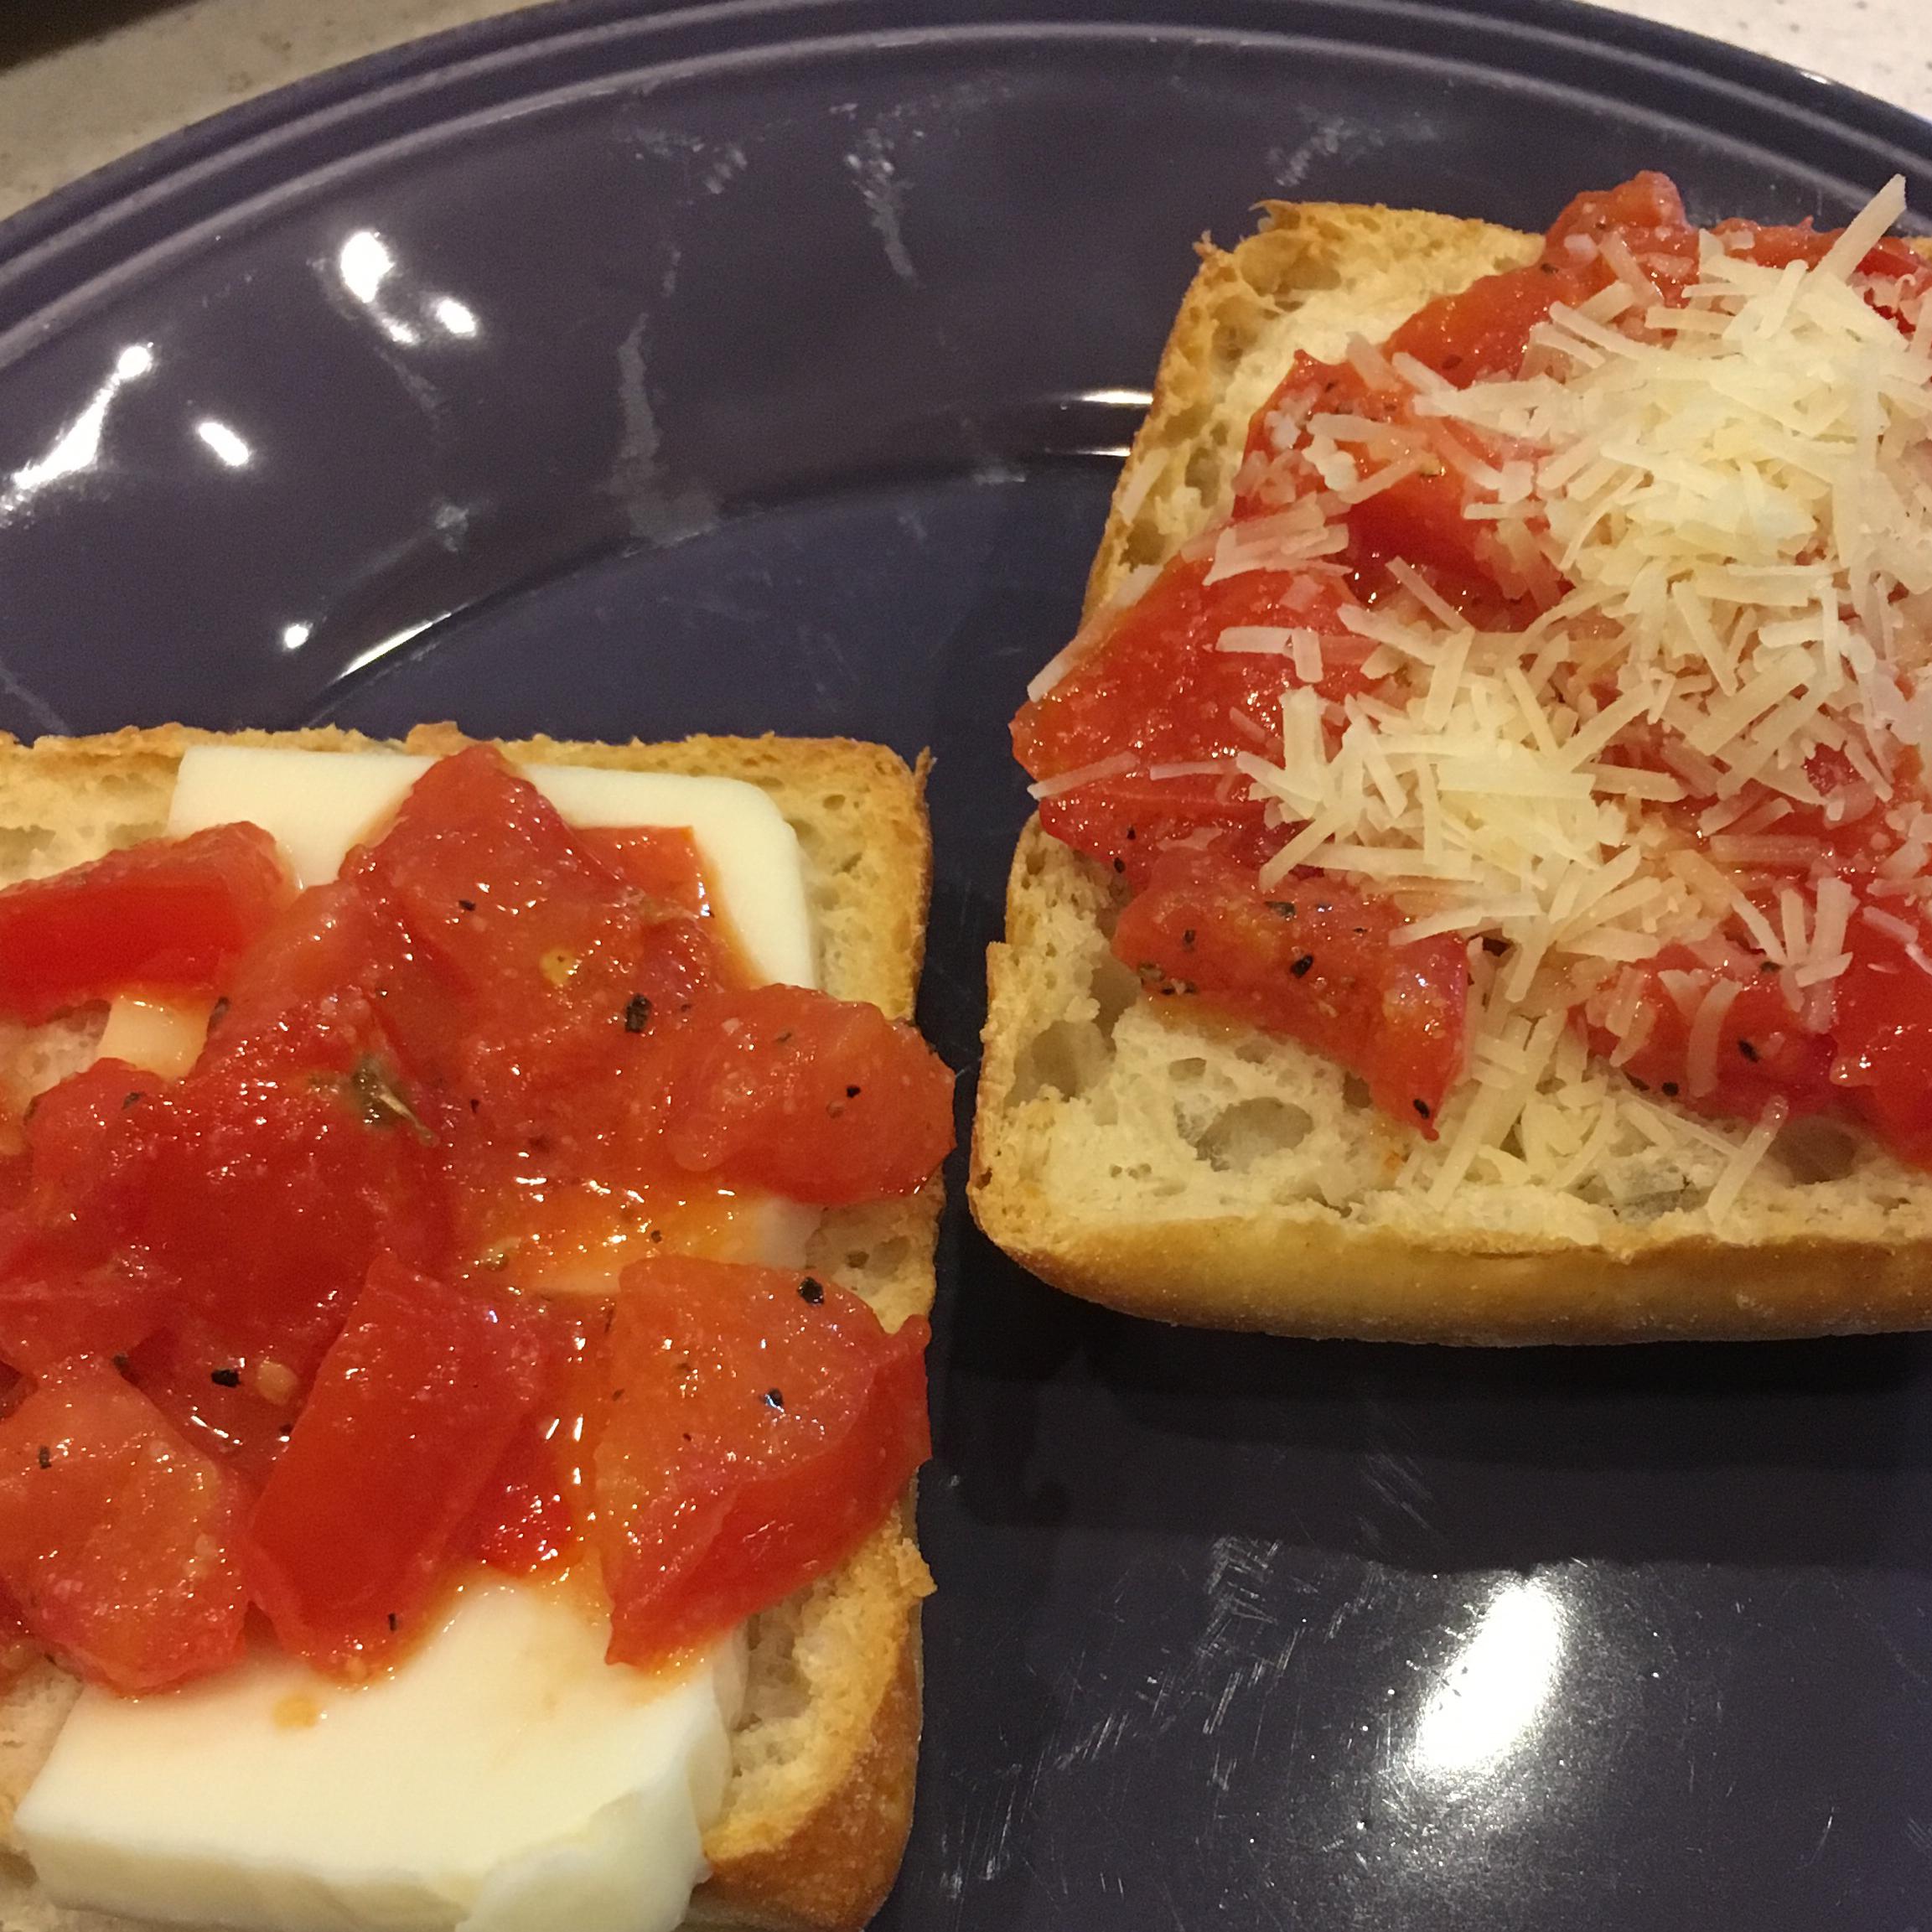 Tomato-Garlic Bread